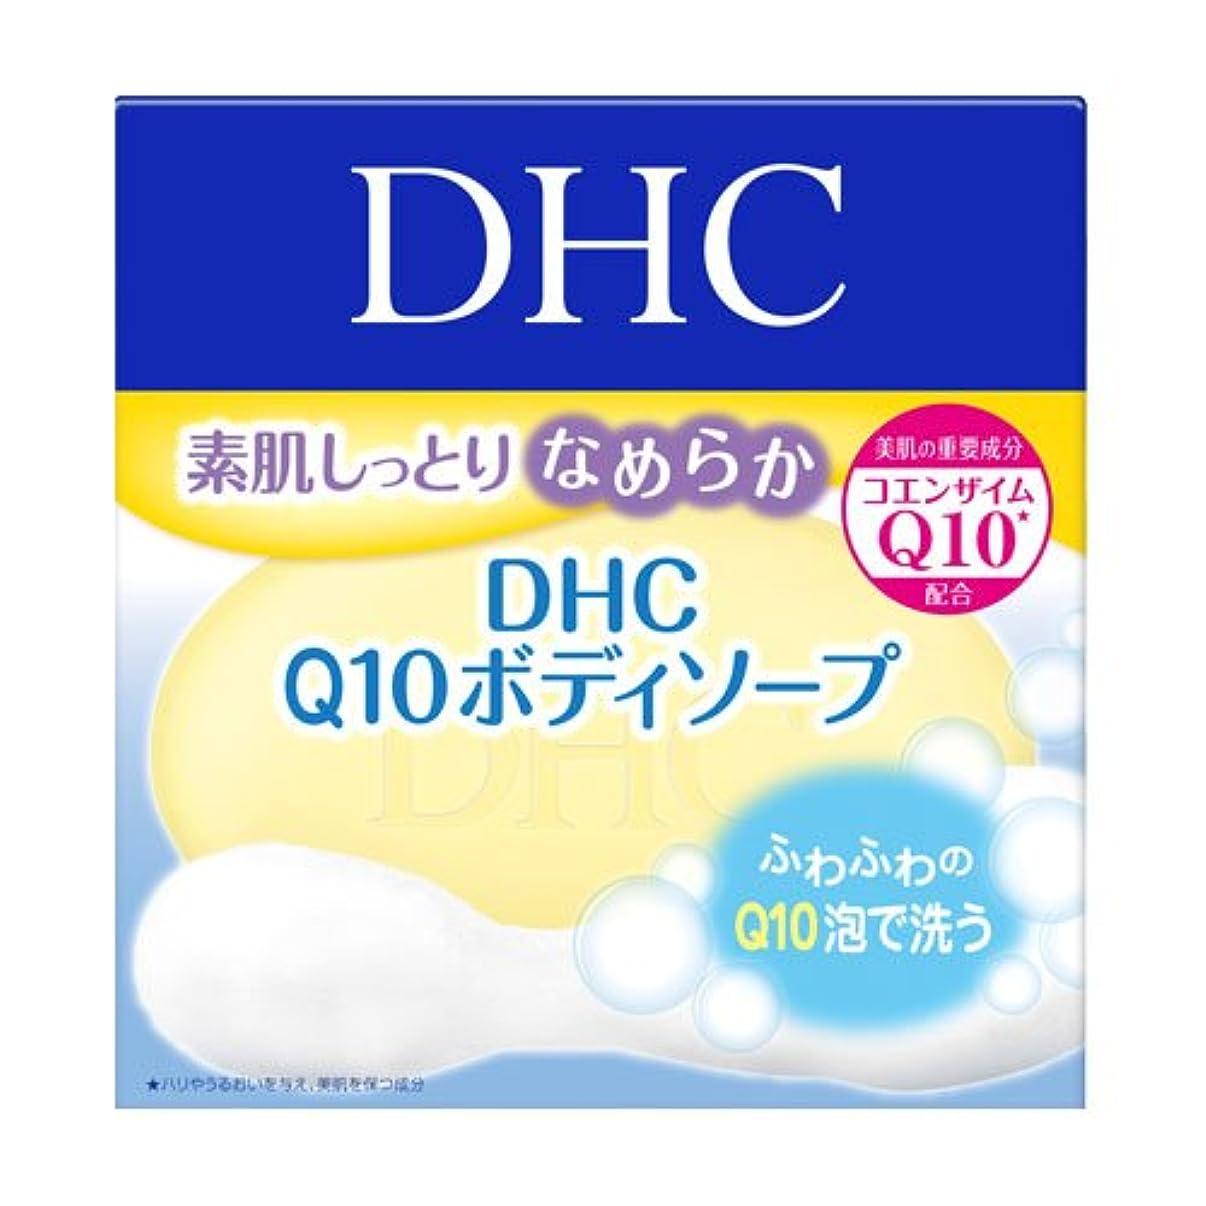 不明瞭ブロックする局DHC Q10ボディソープ SS 120G